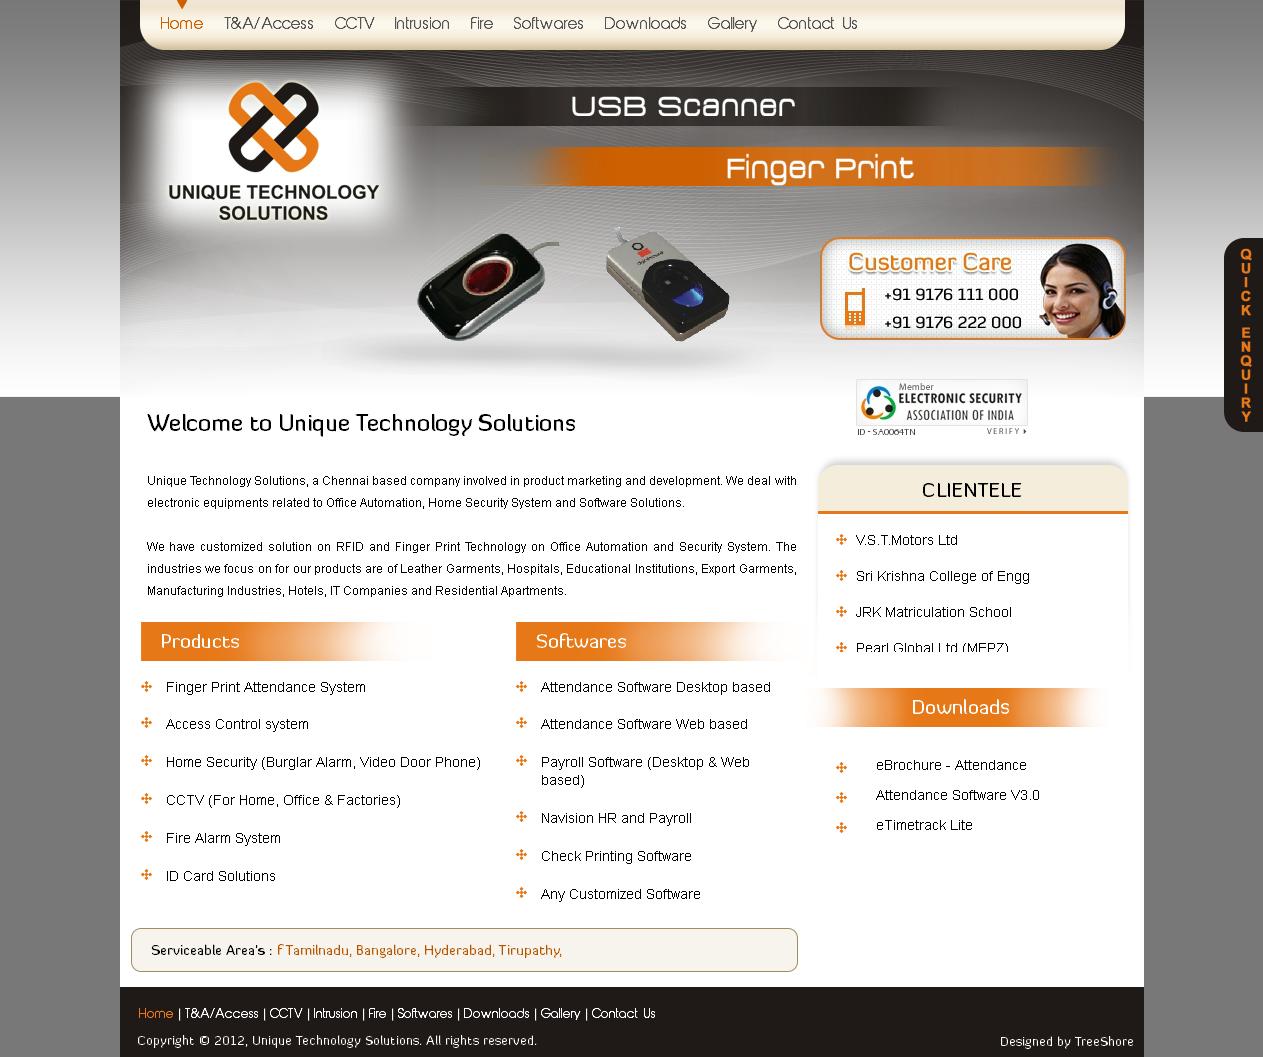 Unique Technology Solutions